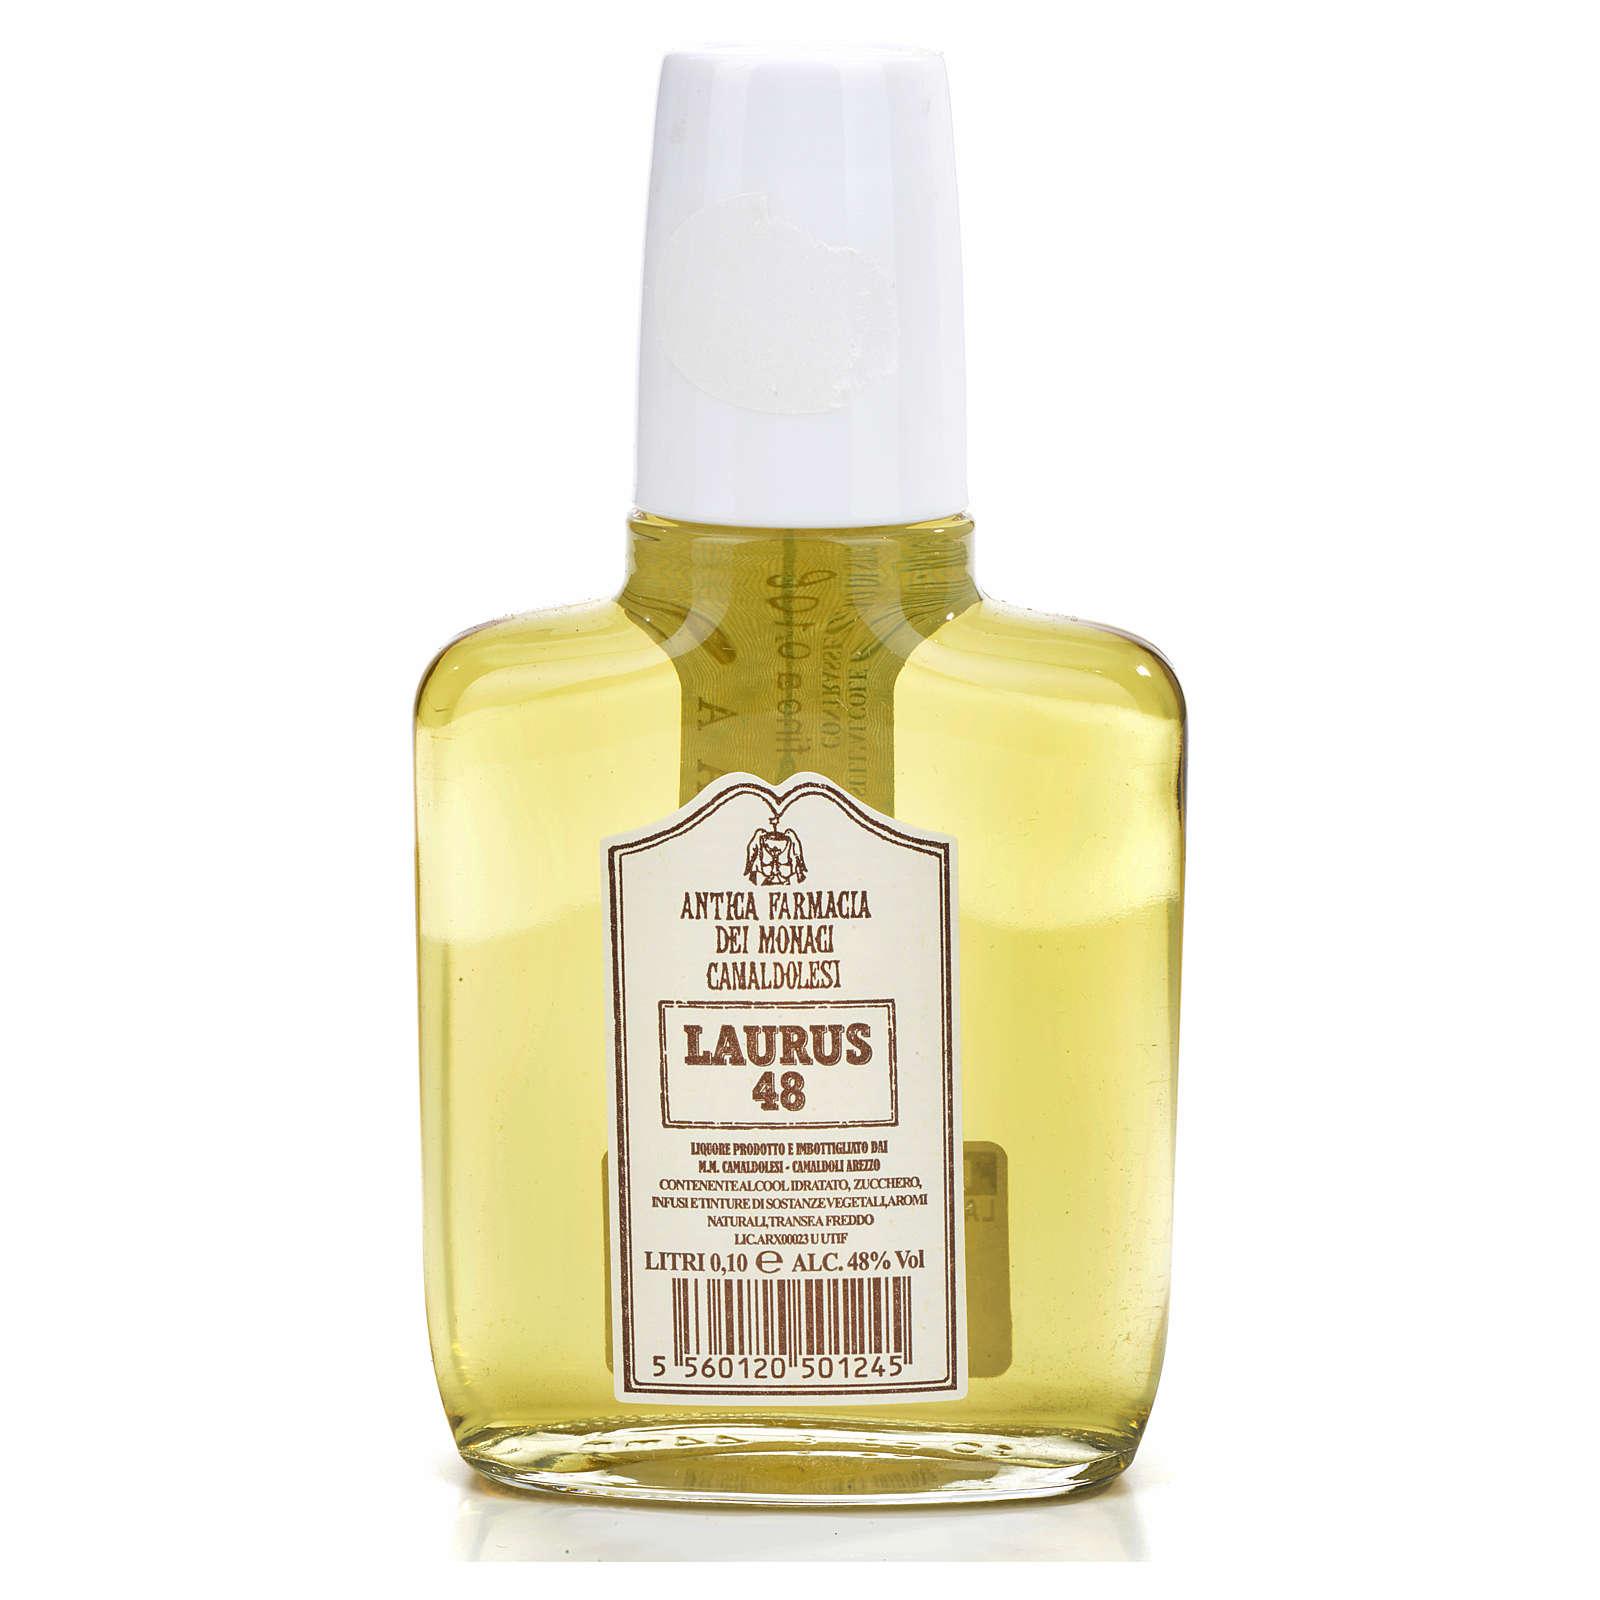 Laurus 48 petite bouteille 100ml, Camaldoli 3